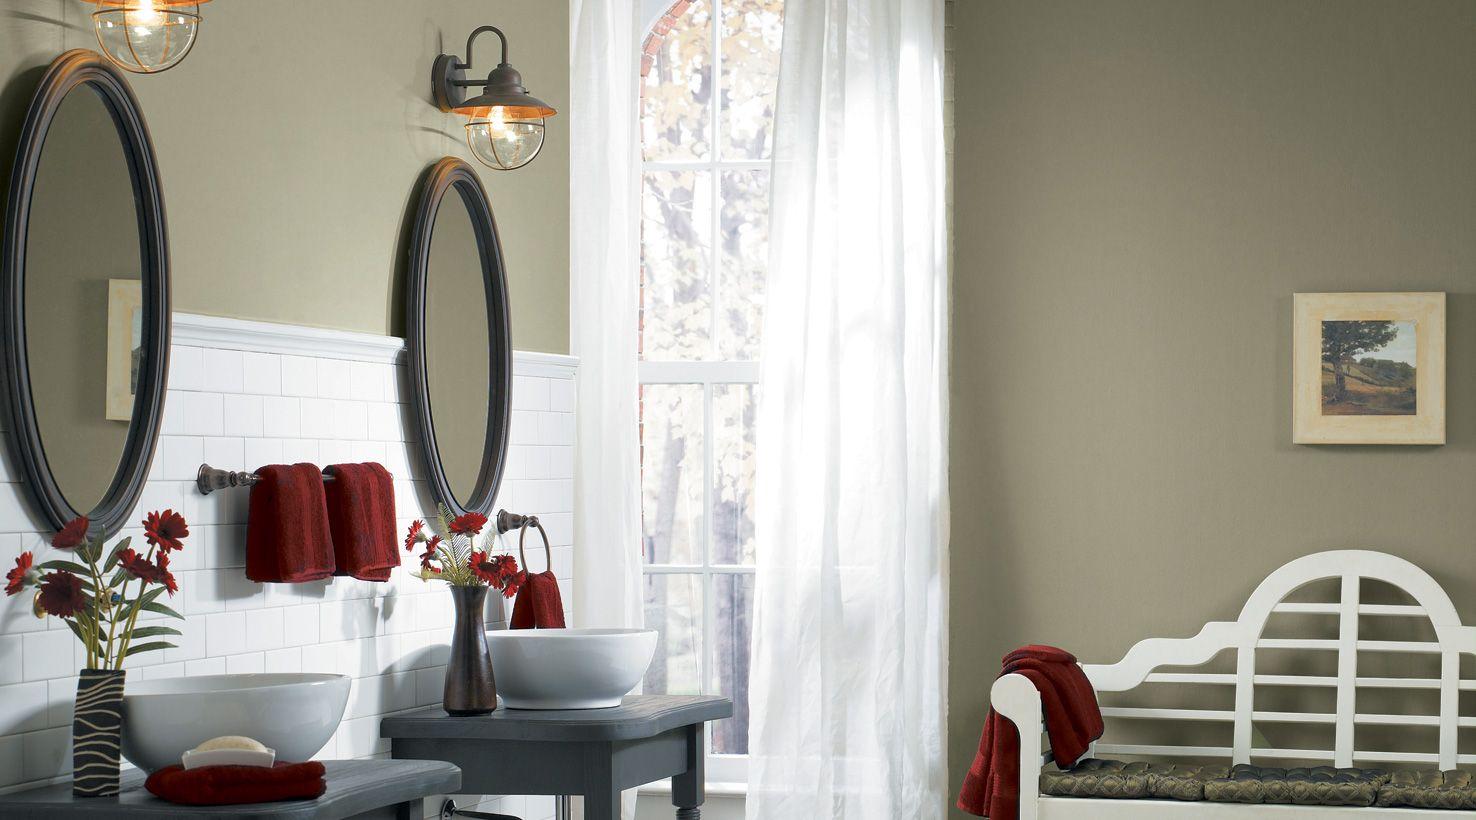 Bathroom - Greens | Design - Paint Colors | Pinterest | Design color ...